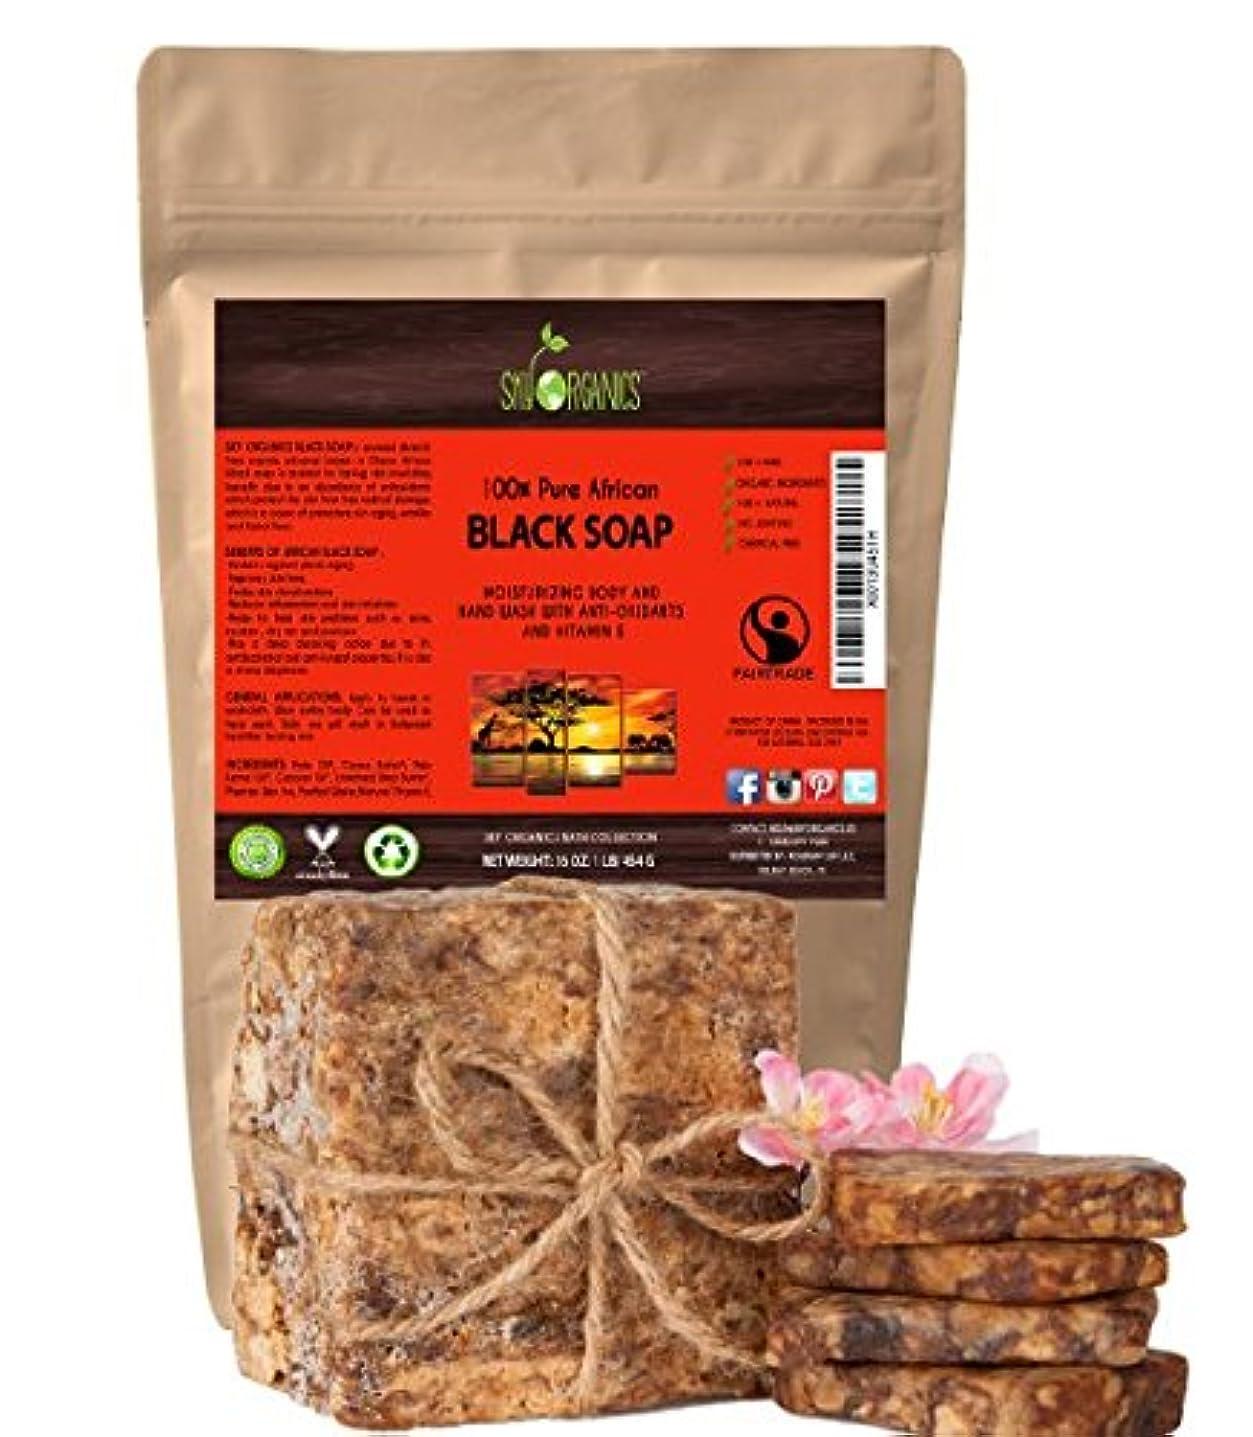 筋肉の妨げる物思いにふける切って使う オーガニック アフリカン ブラックソープ (約4563gブロック)Organic African Black Soap (16oz block) - Raw Organic Soap Ideal for Acne...